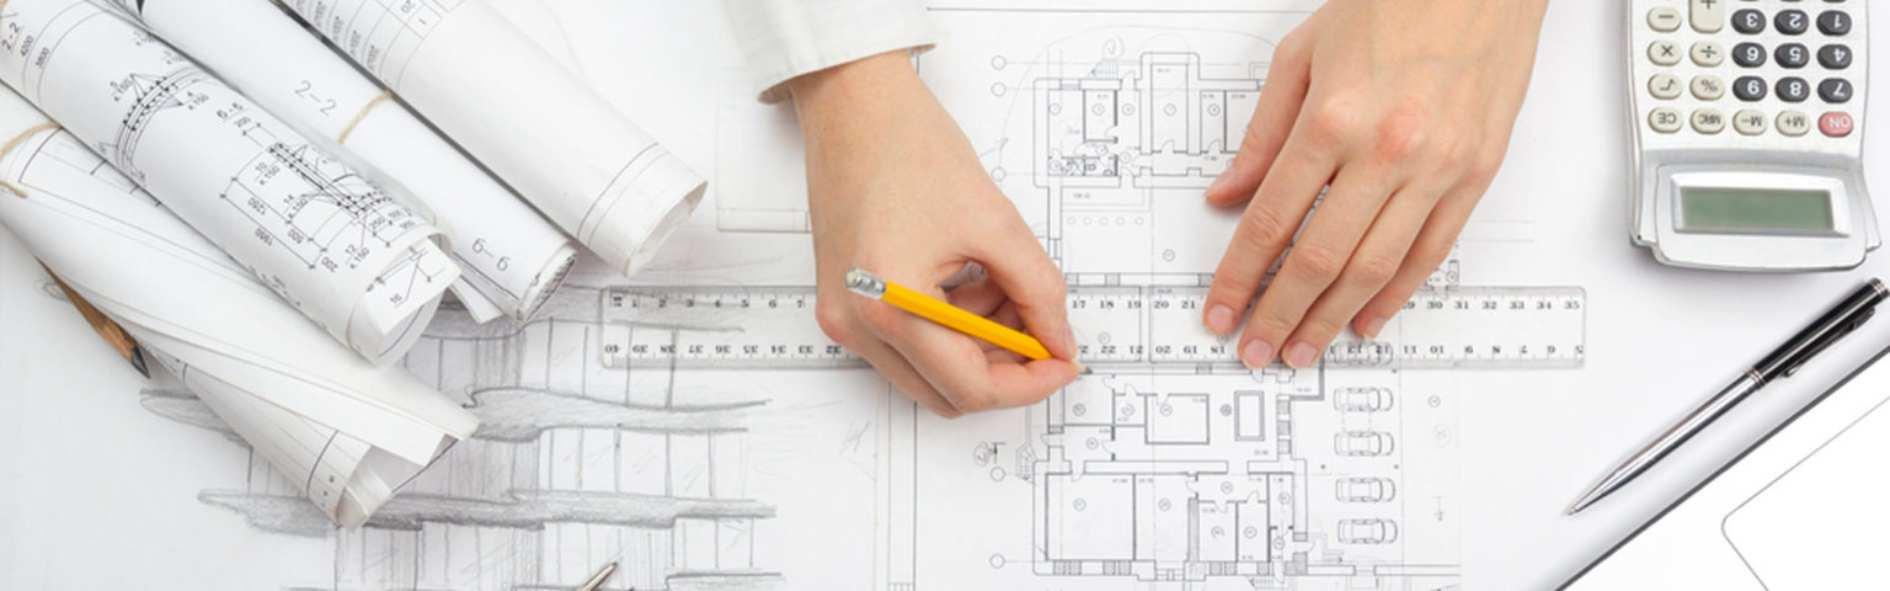 Conoce los planos arquitectónicos y su importancia en el sector de la construcción